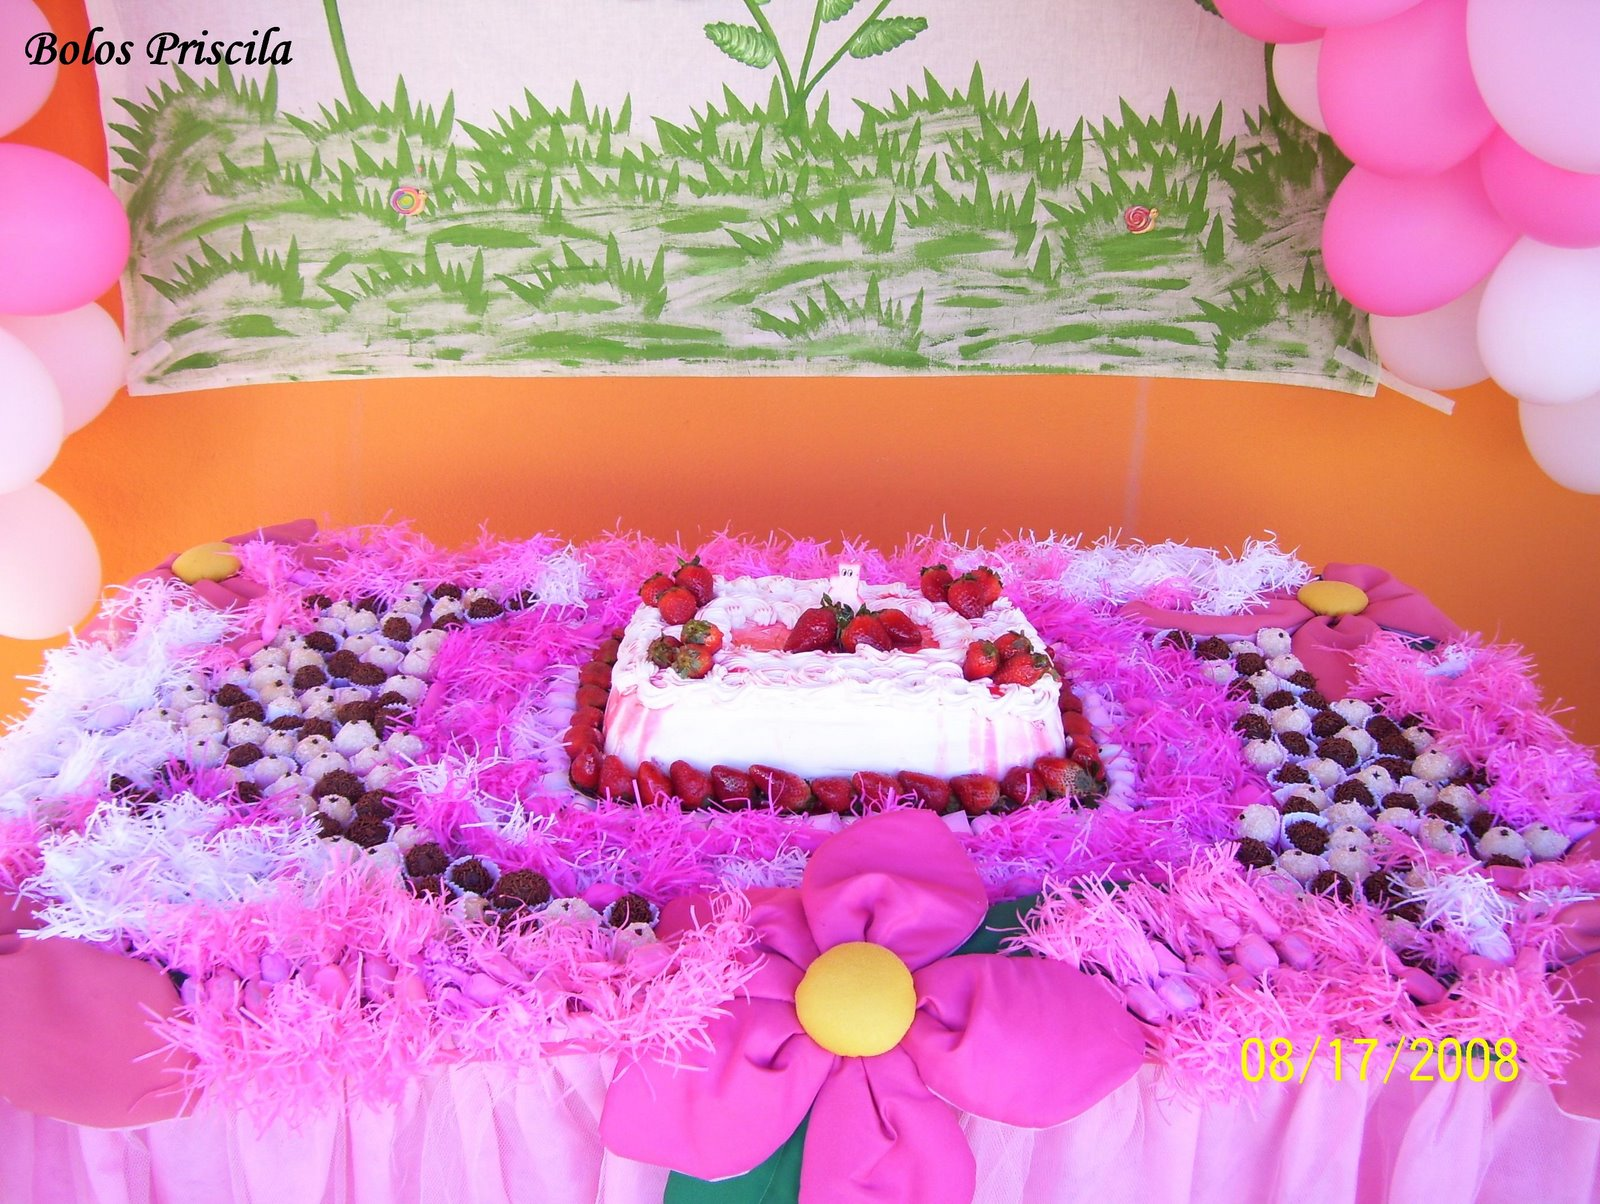 Fazemos Festas De Aniversário Adulto E Infantil Para 100 Pessoas Por